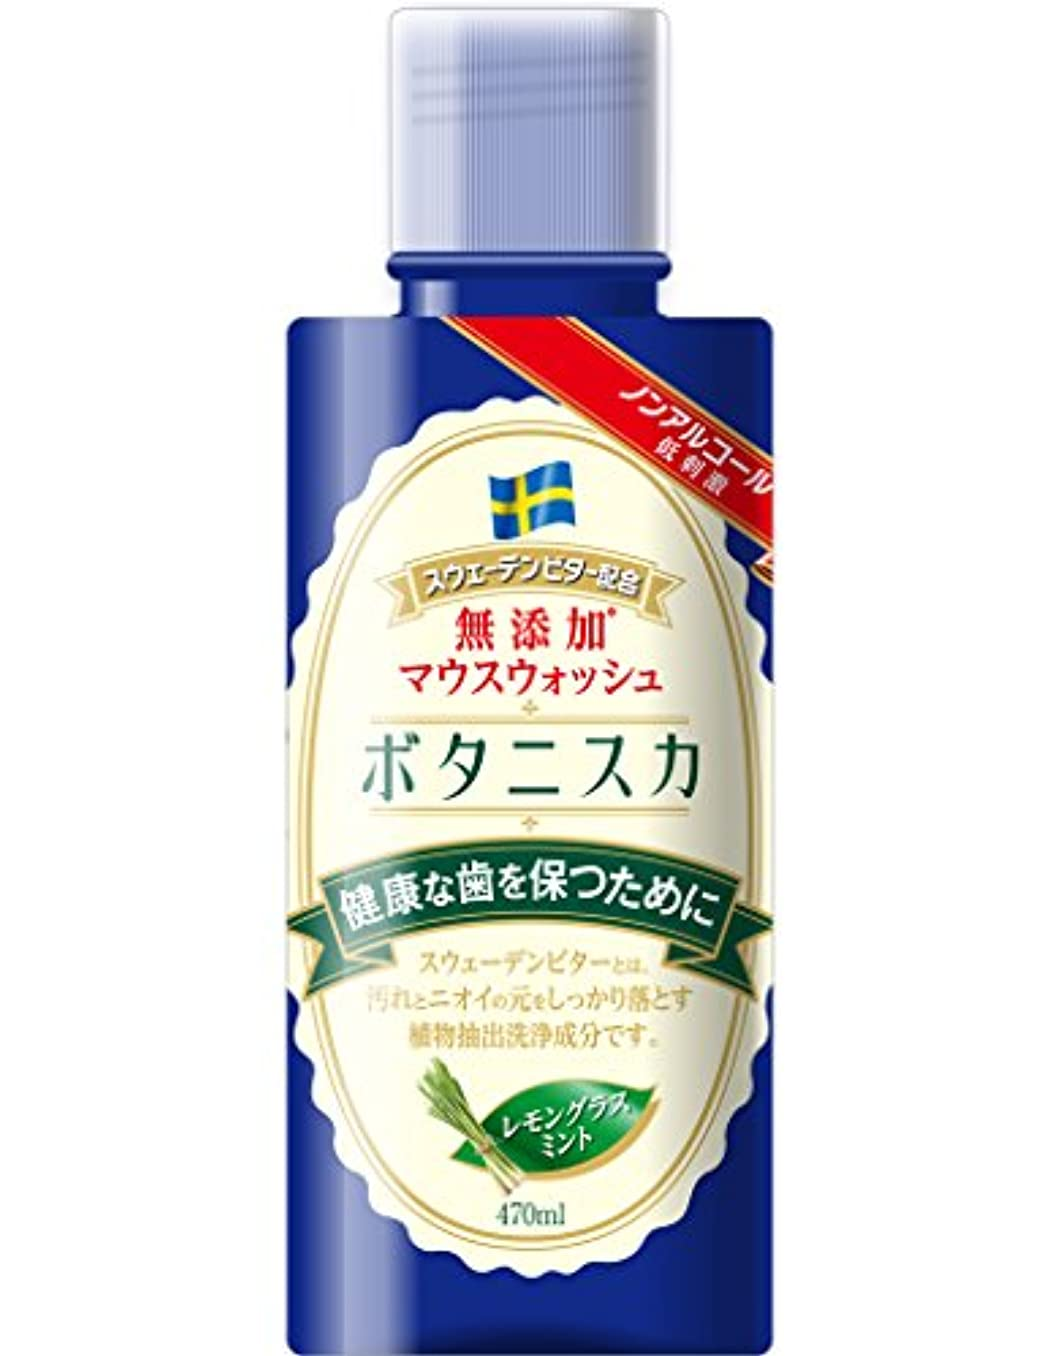 マットレス葉を拾う類似性ボタニスカ 無添加マウスウォッシュ レモングラス (ノンアルコール) 470ml